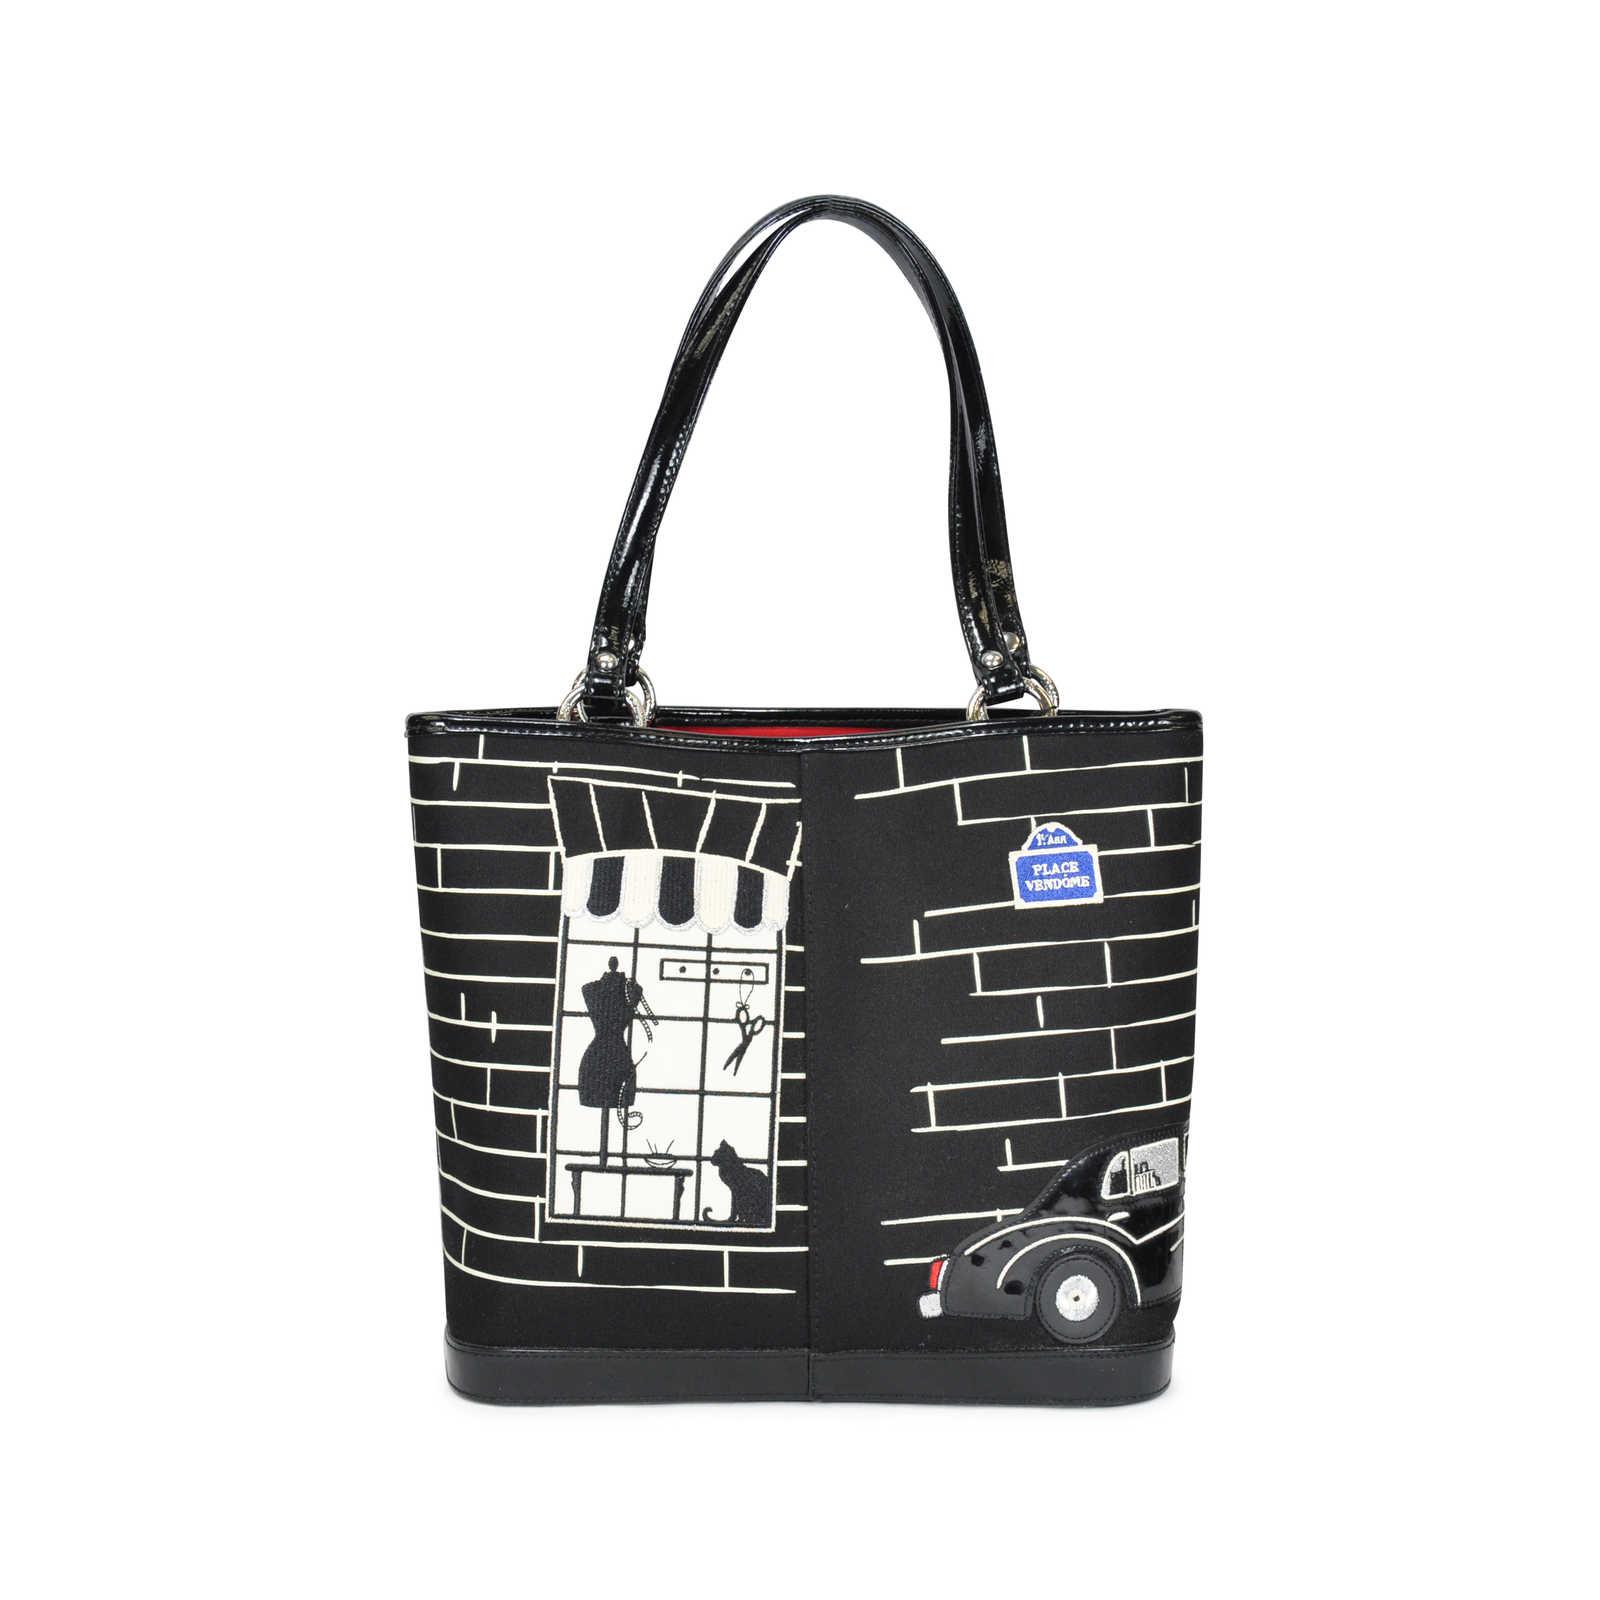 Authentic Pre Owned Lulu Guinness Souvenir De Paris Bag Pss 086 00002